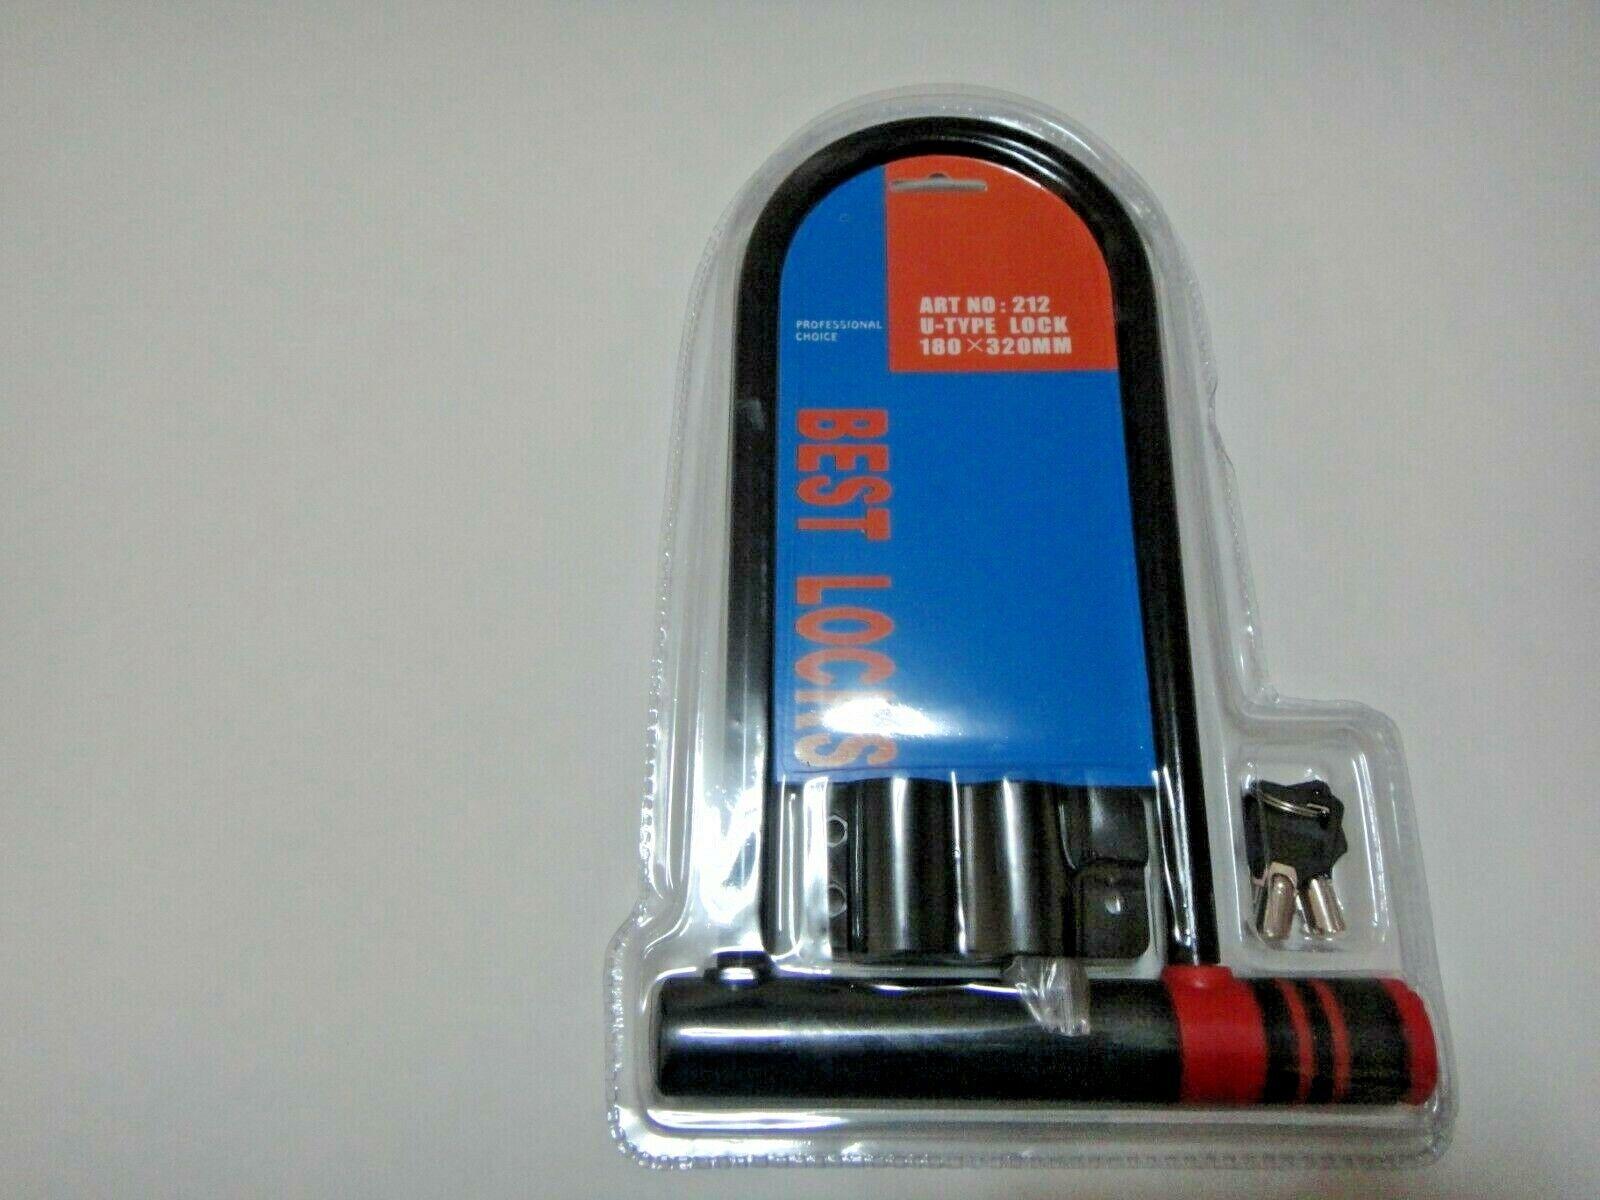 703.154.88 black Ikea SLADDA Bicycle U-lock